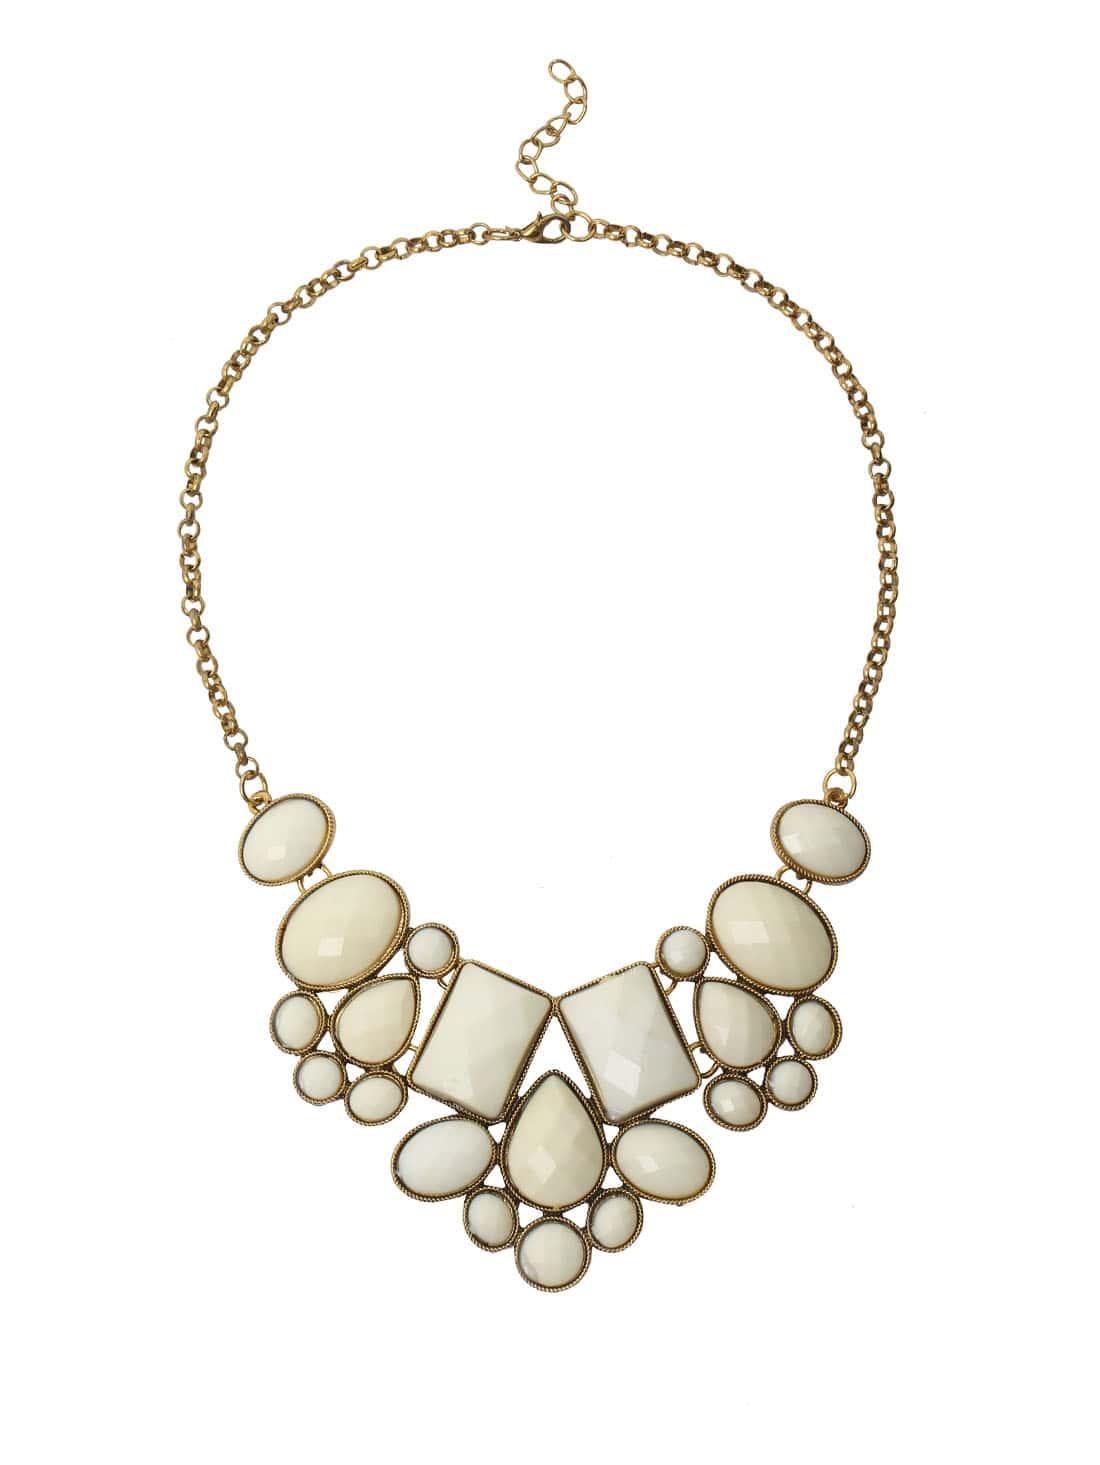 Faux Stone Bib Necklace - White